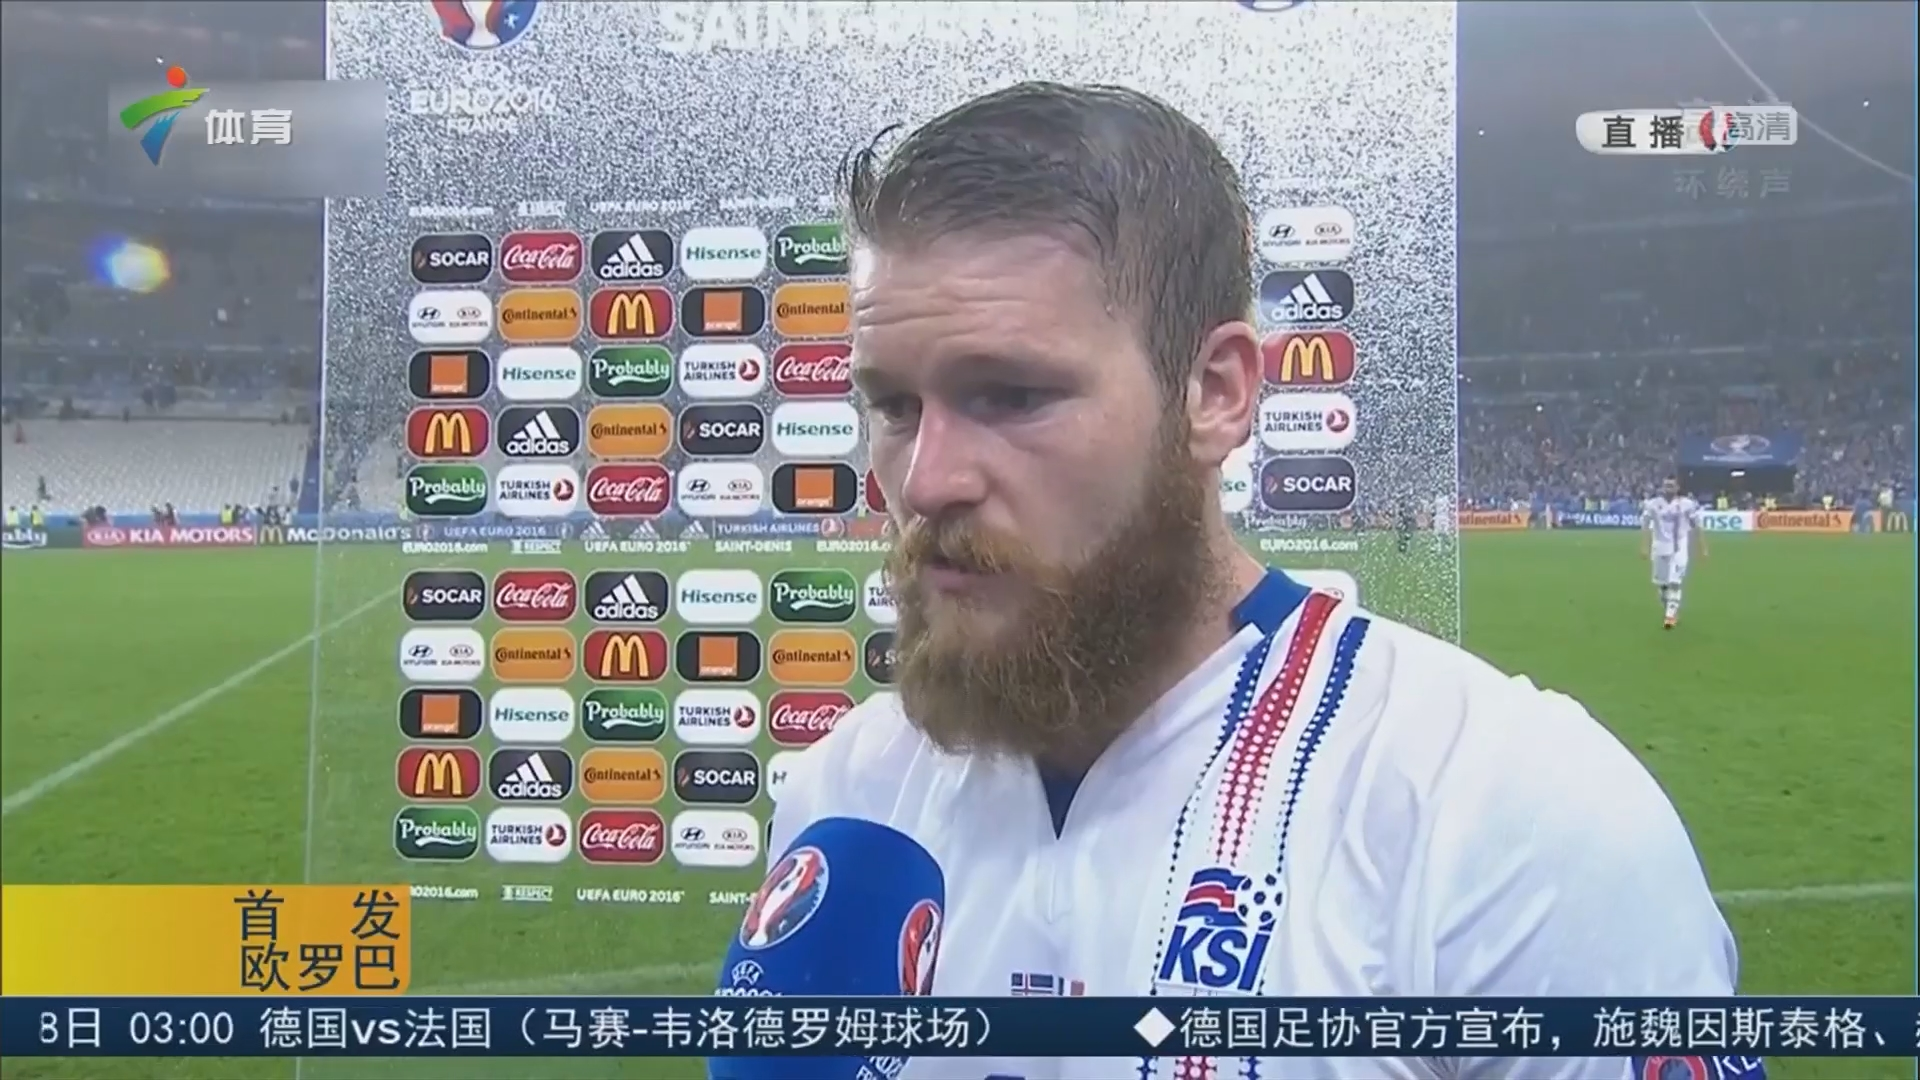 欧洲杯法国VS冰岛 赛后球员教练自我评价